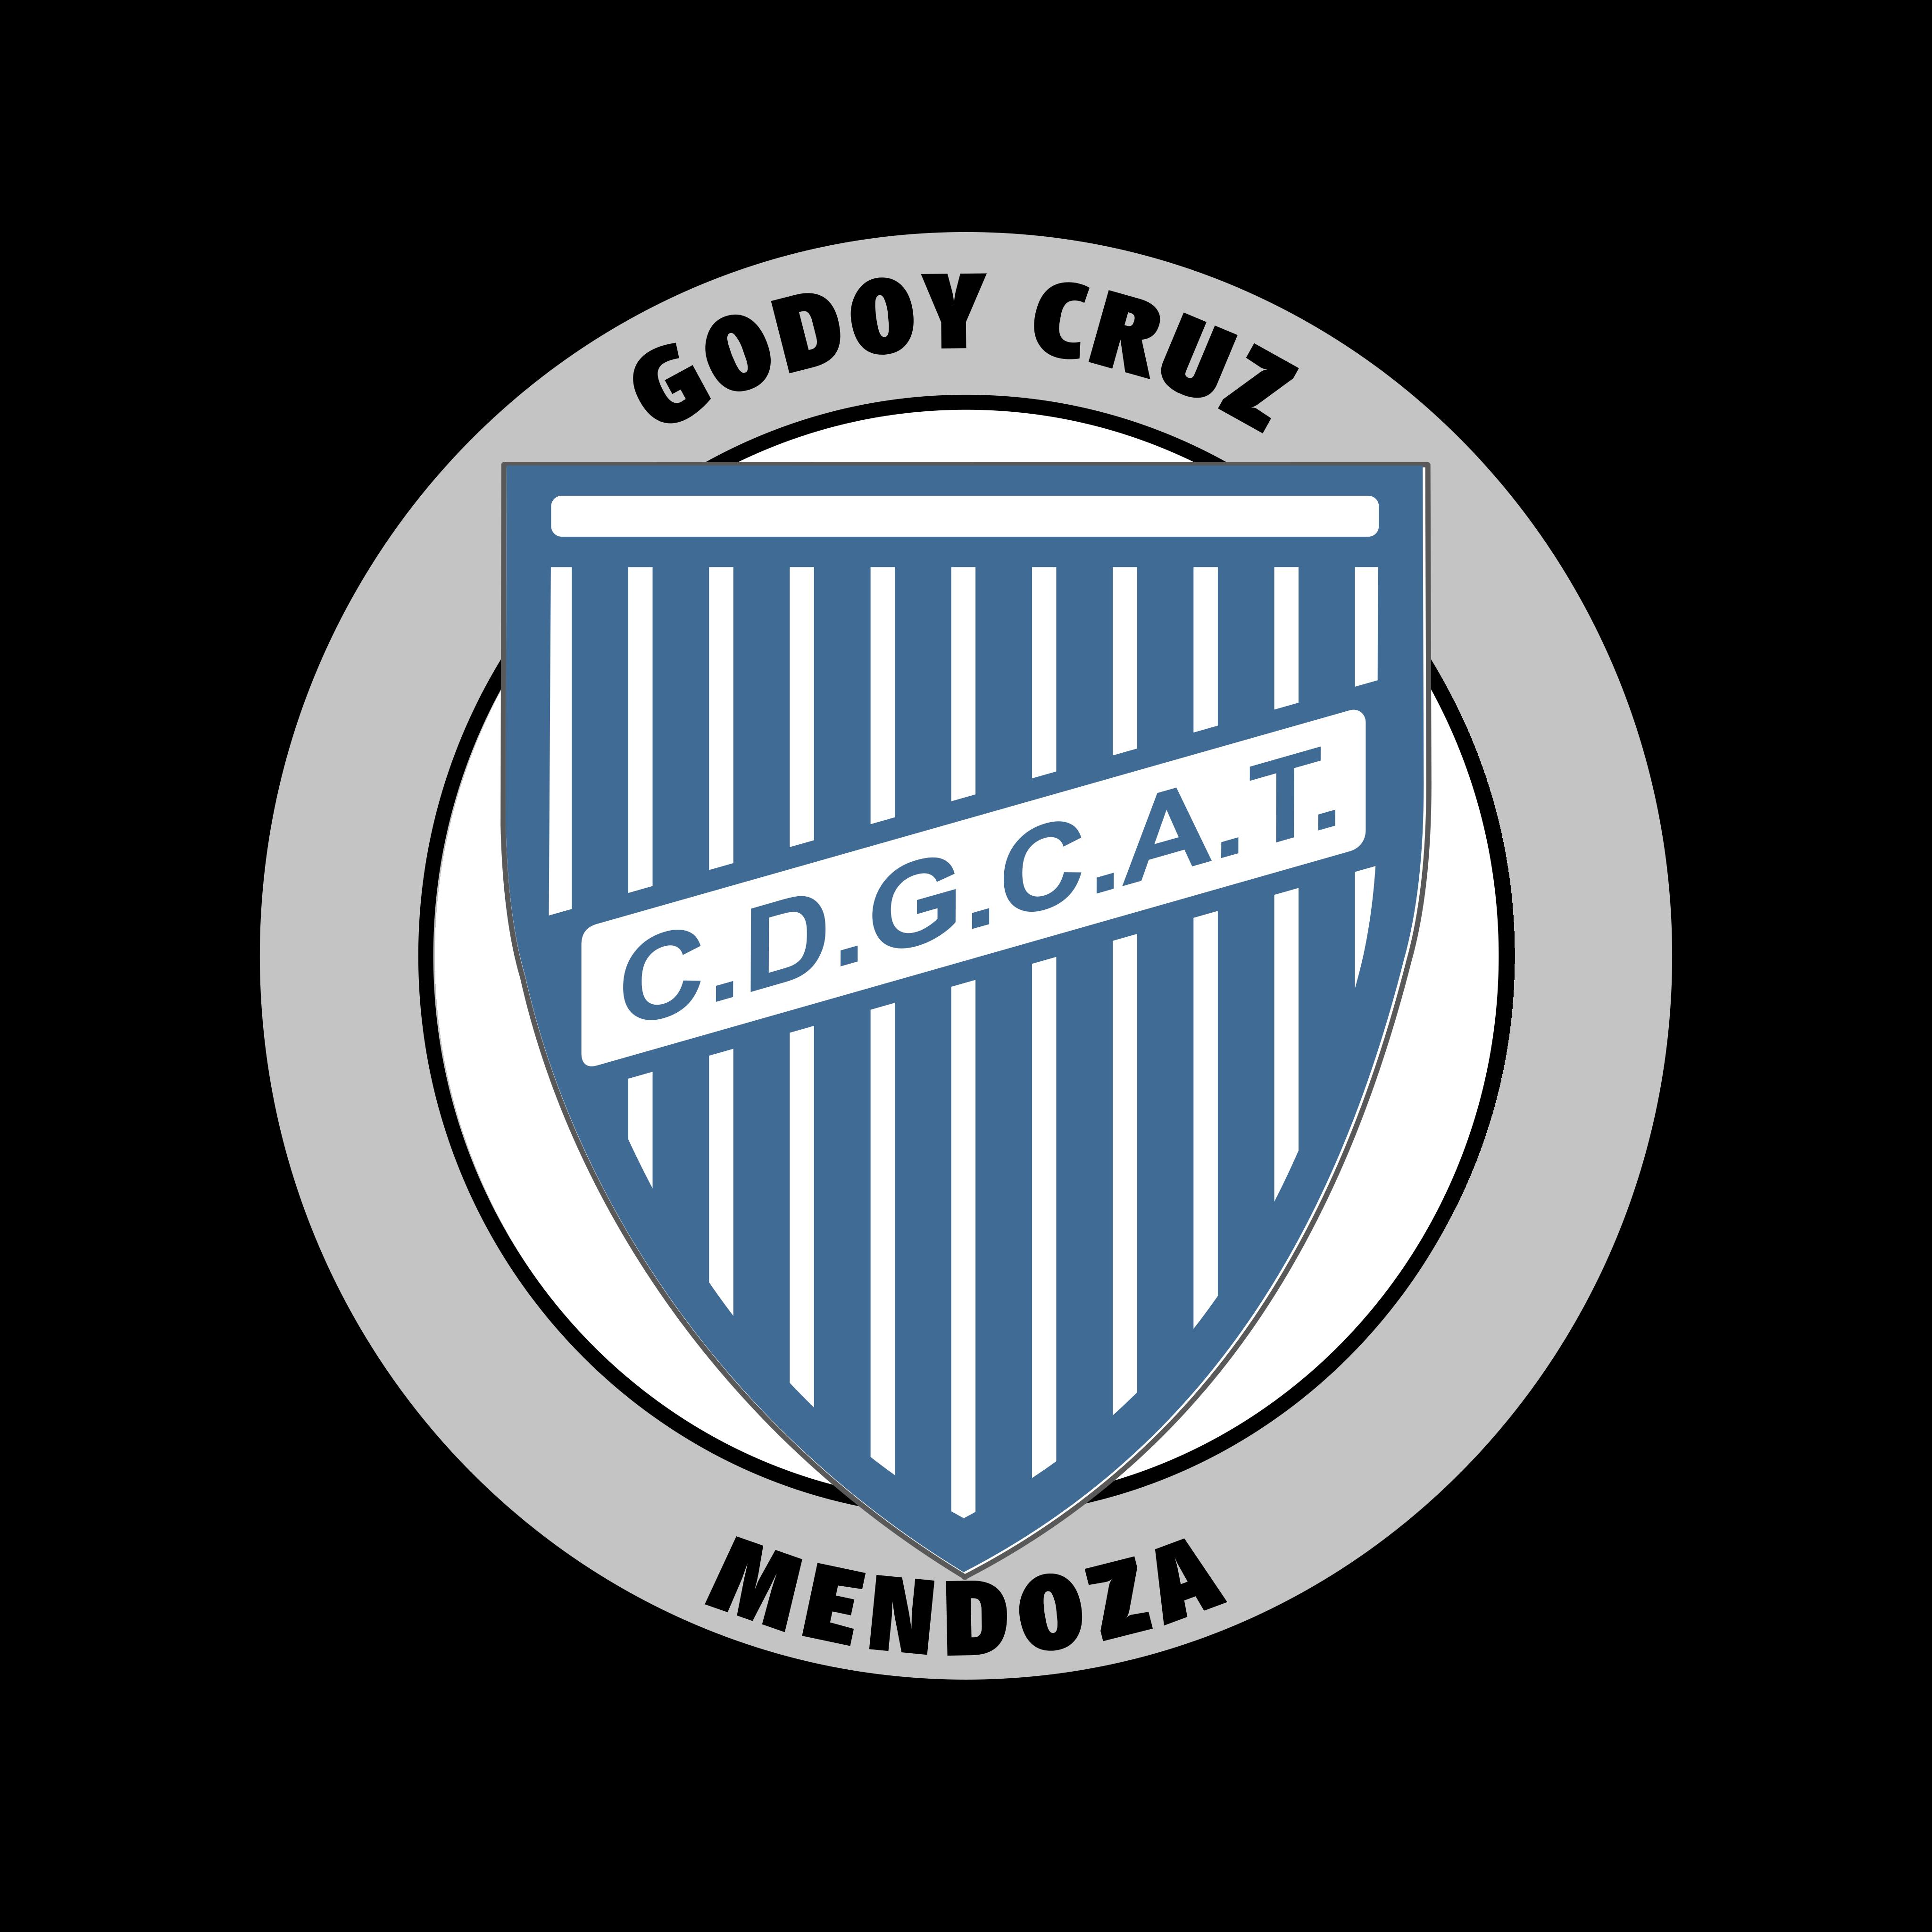 godoy cruz logo 0 - Godoy Cruz Logo